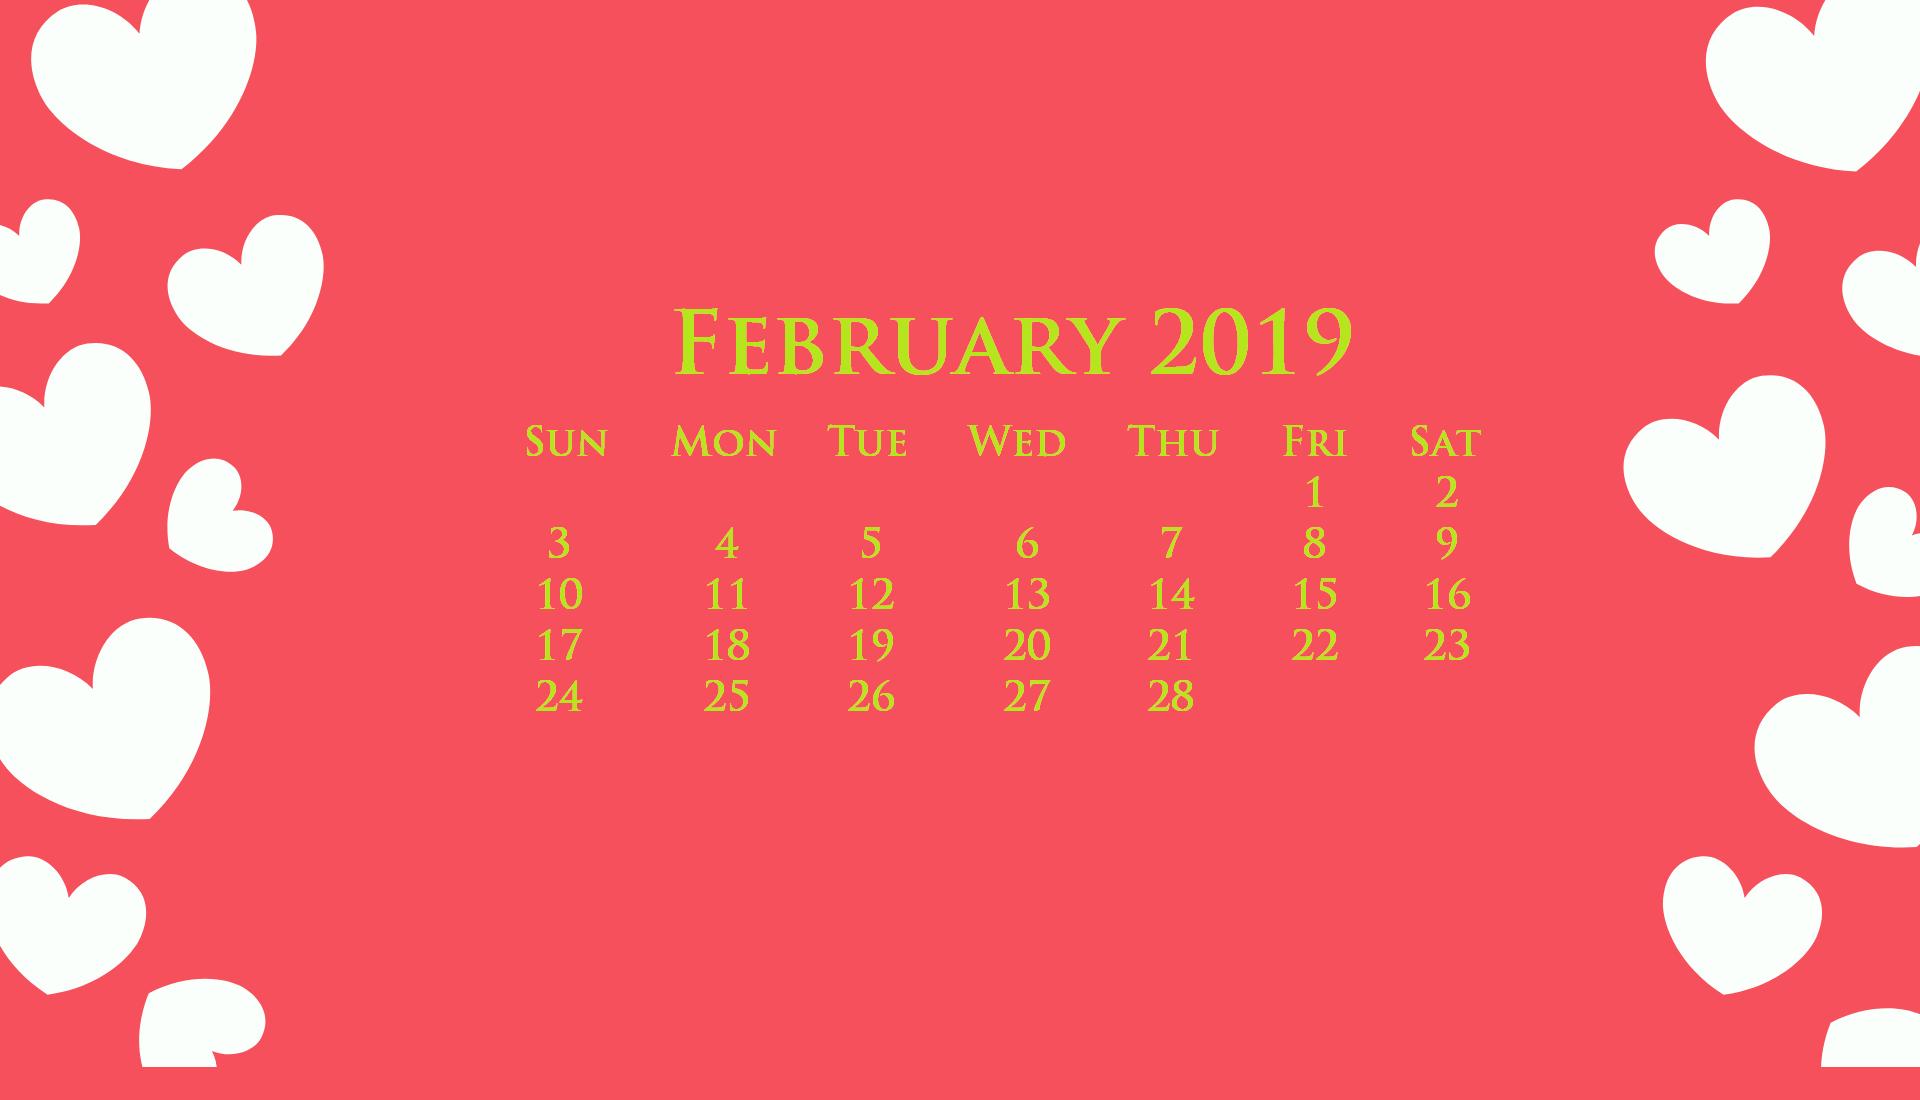 Desktop February 2019 Calendar Wallpaper February 2019february Februarycalendar2019 Desktopcaledar Desktop Calendar Calendar Wallpaper February Wallpaper